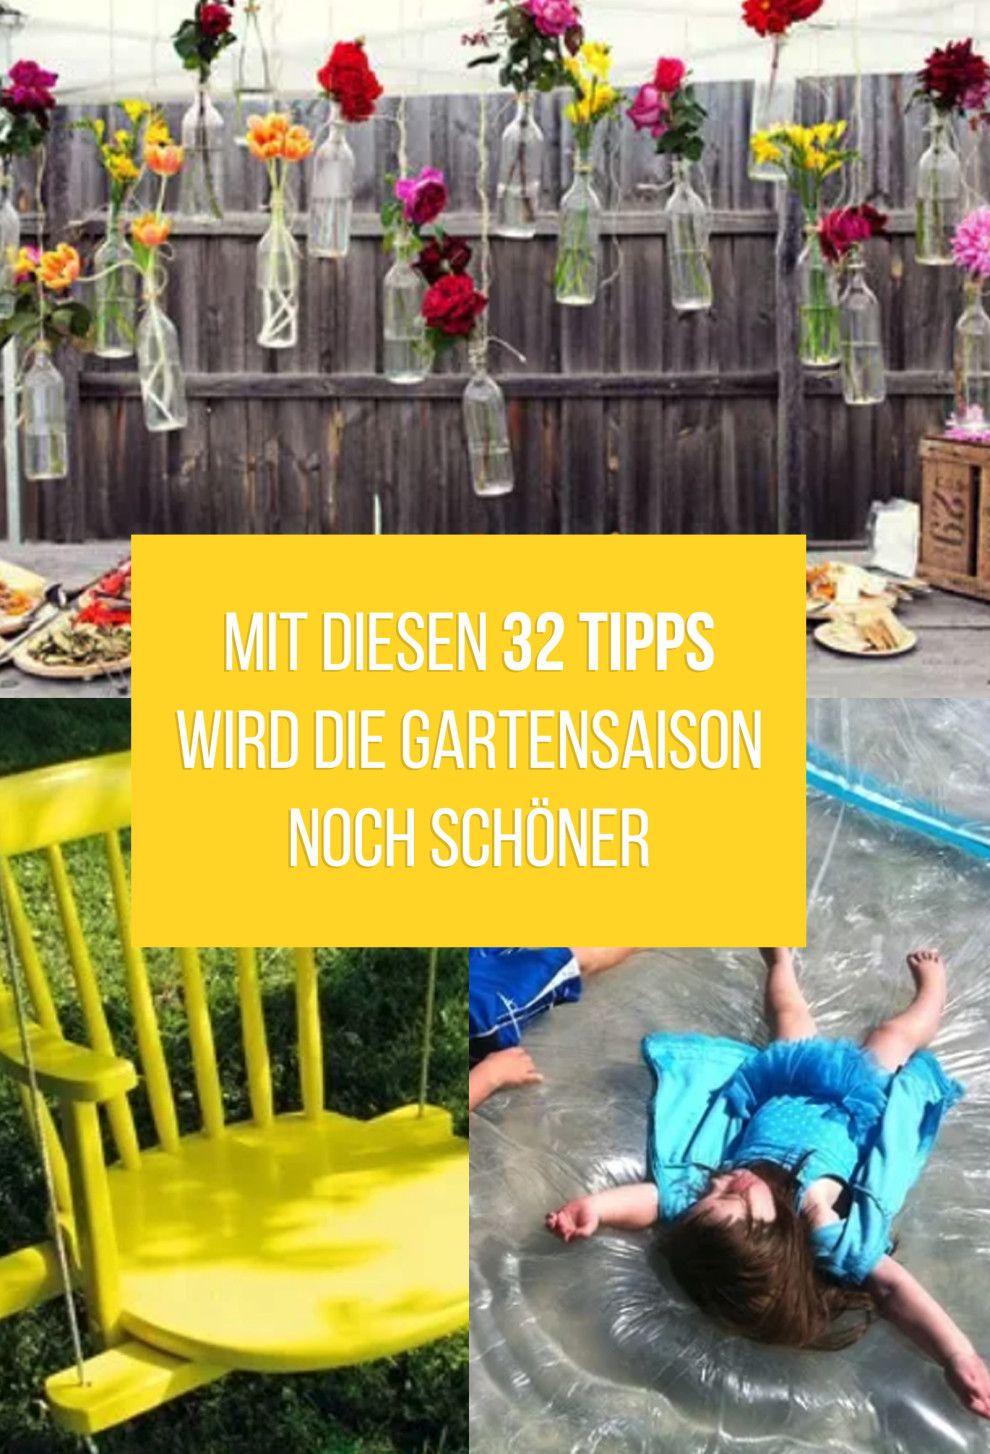 32 grenzgeniale Ideen um deinen Garten aufzumotzen